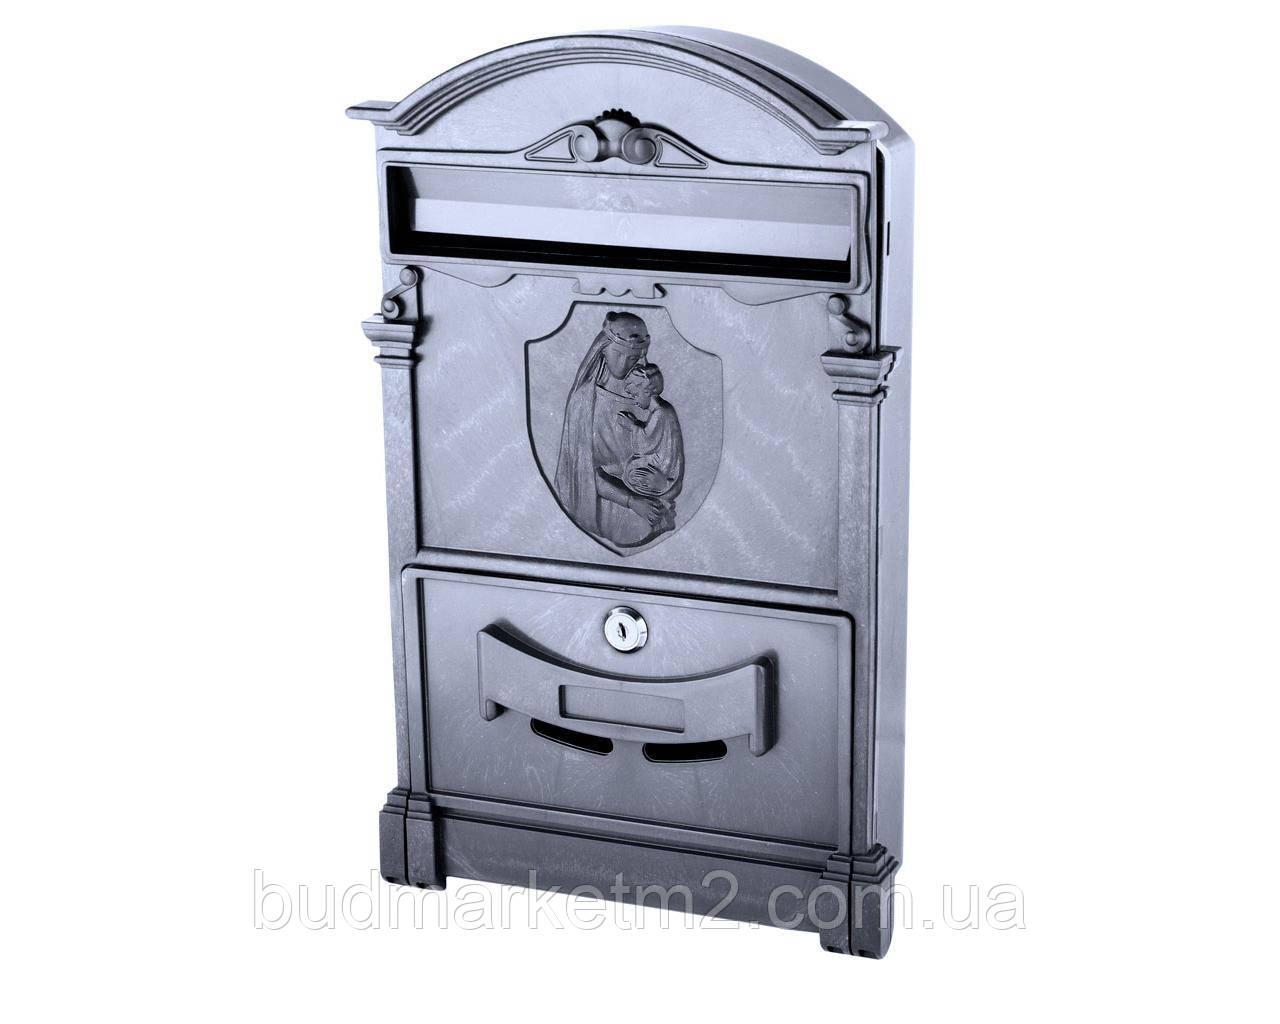 Поштова скринька VITA чорний Діва Марія